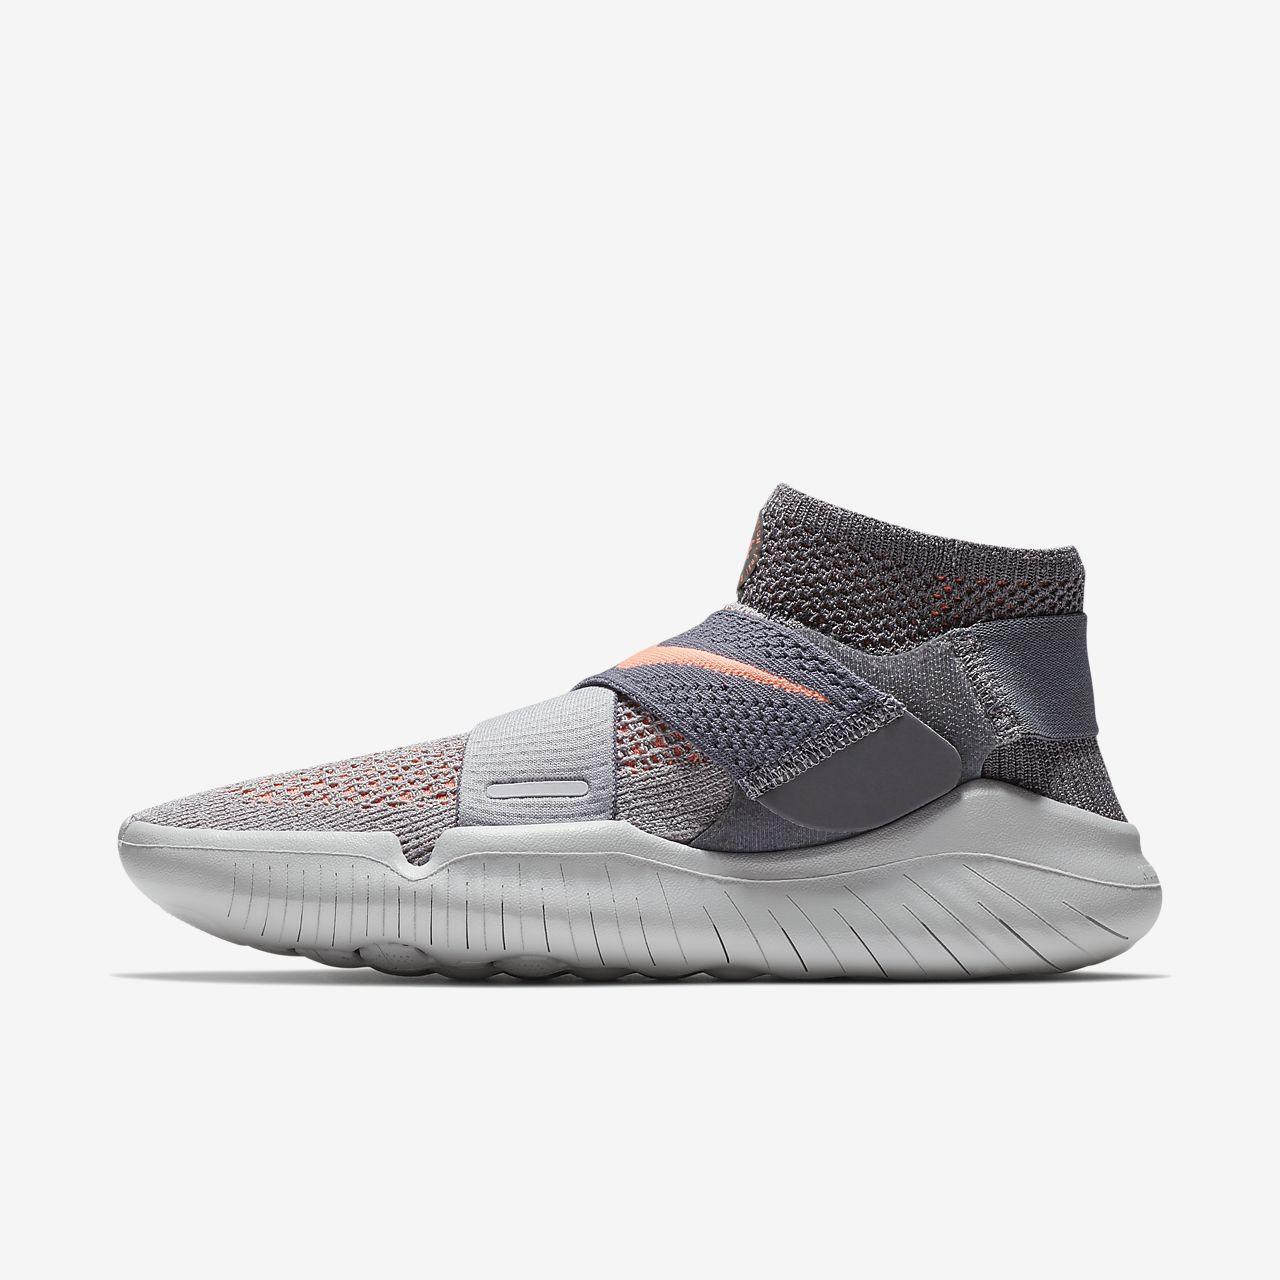 ... Nike Free RN Motion Flyknit 2018 Women's Running Shoe